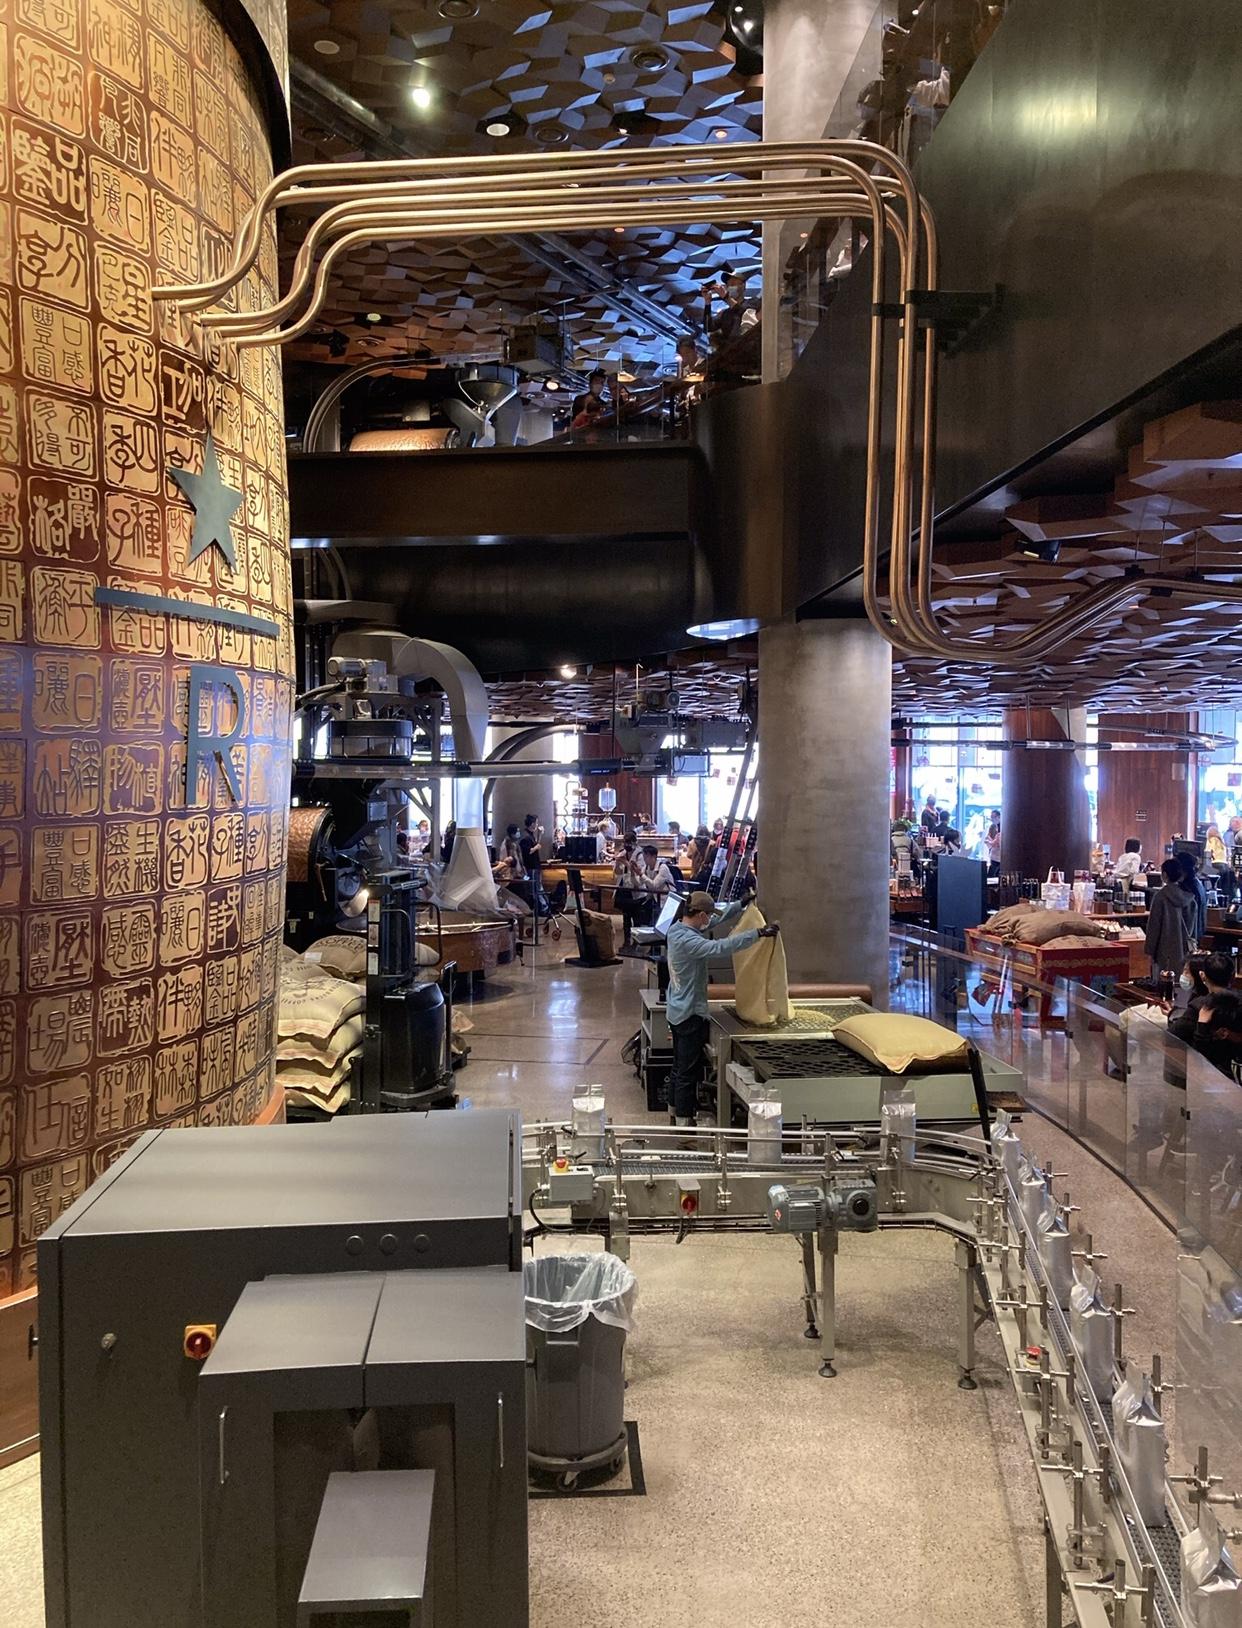 Inaugurada em dezembro de 2017, a Starbucks Reserve Roastery, fica na Nanjing Road, centrão da cidade, no agito, onde muitos a reconhecem com um dos centros de atrações